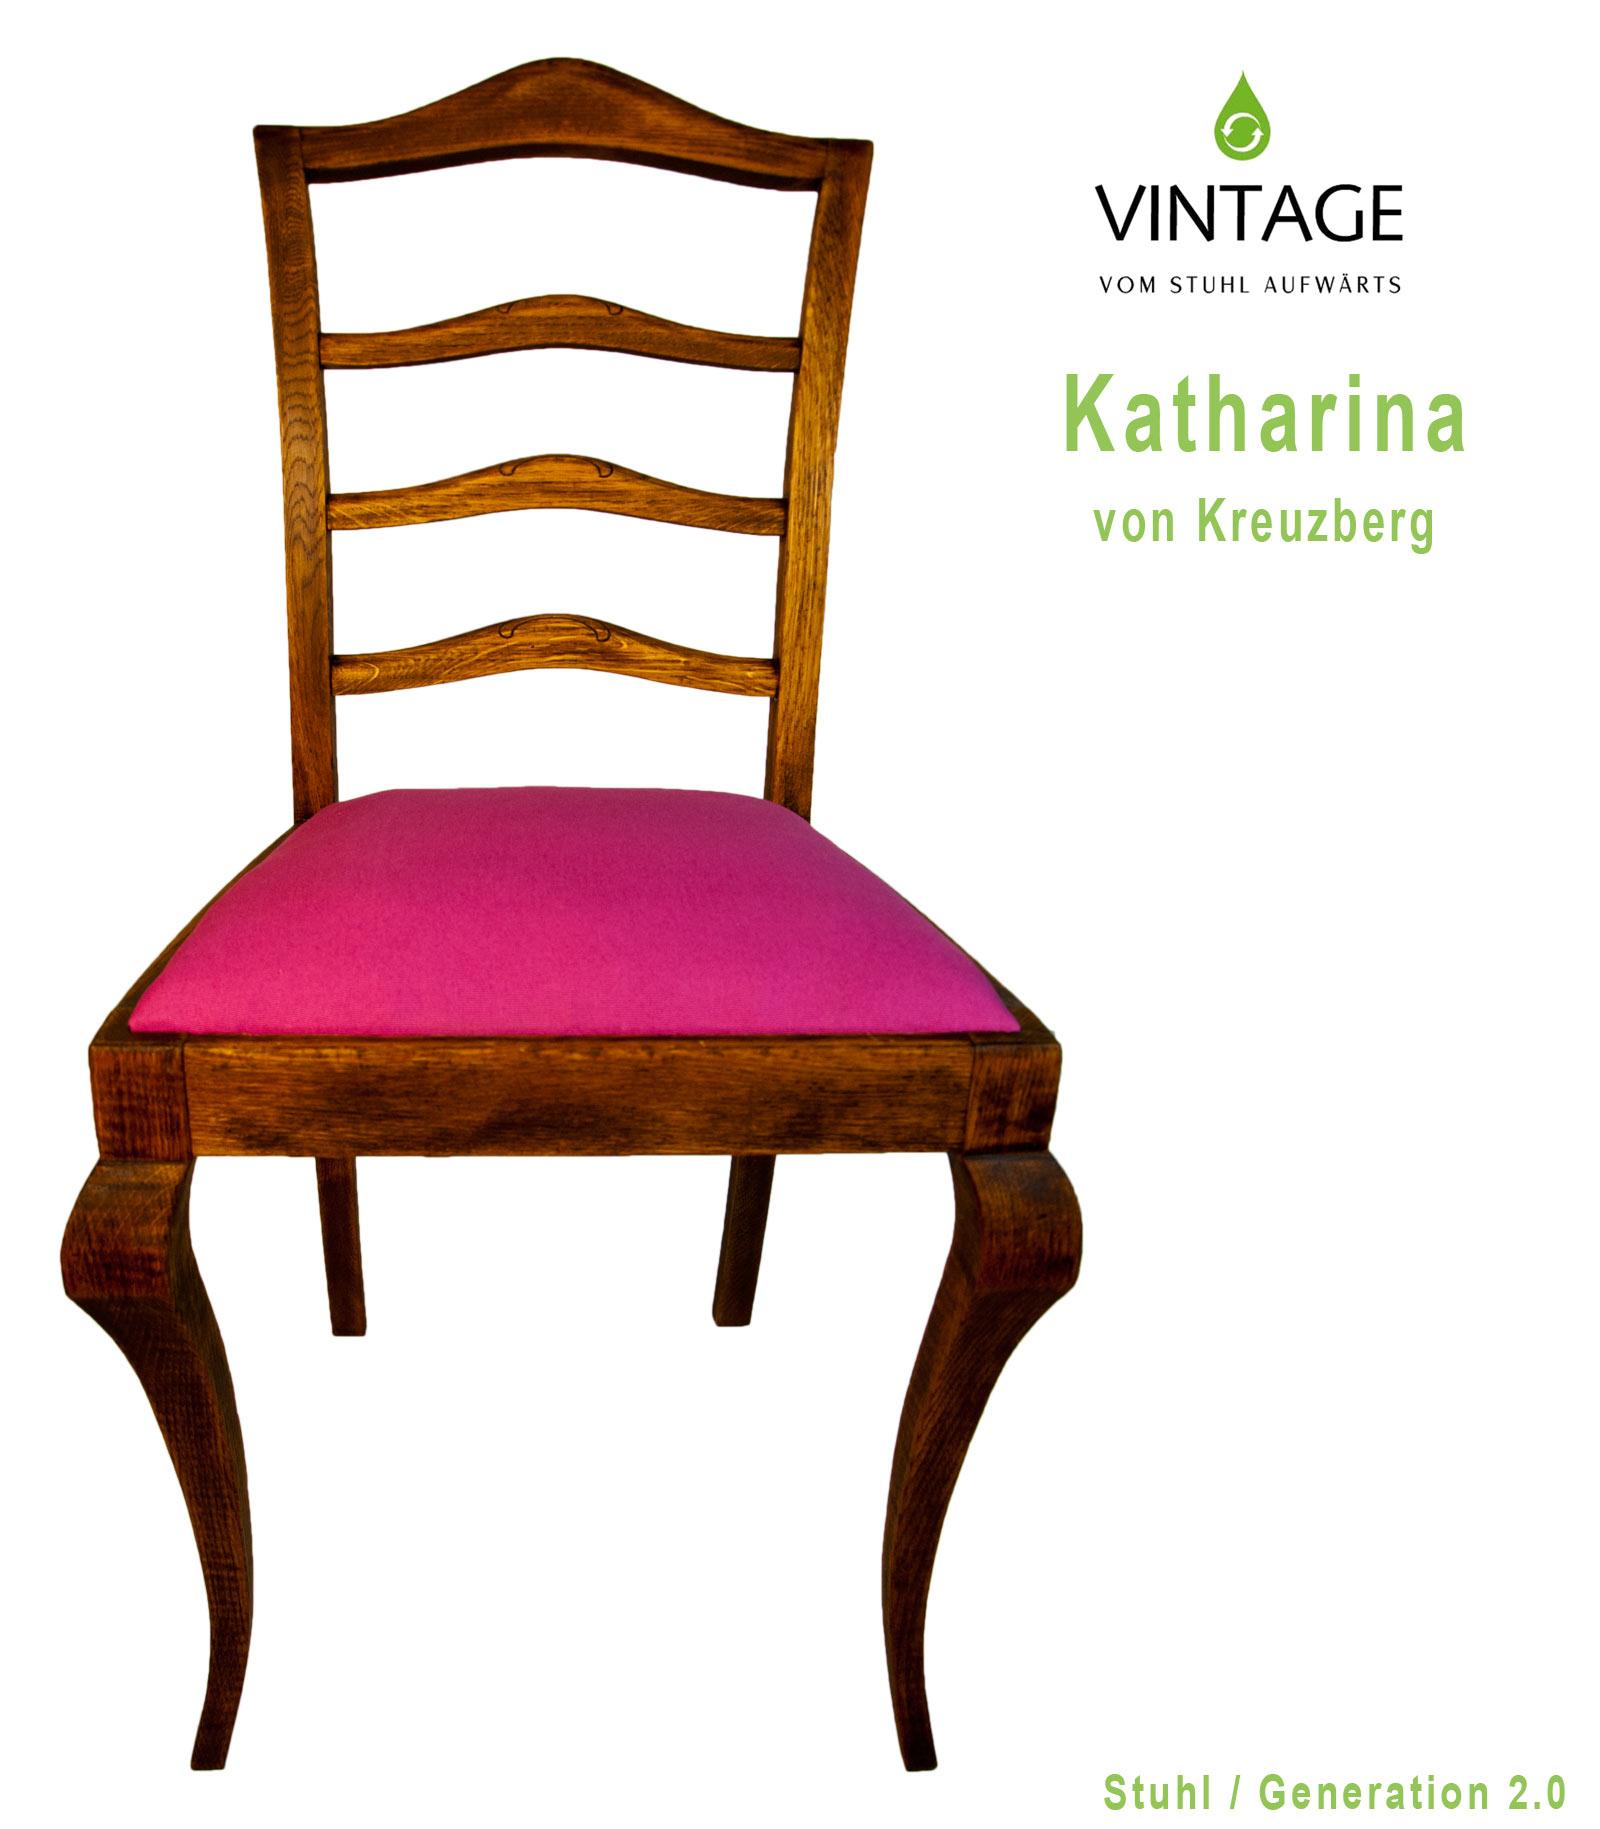 Wir stellen vor: Katharina von Kreuzberg - Leinöl an pink